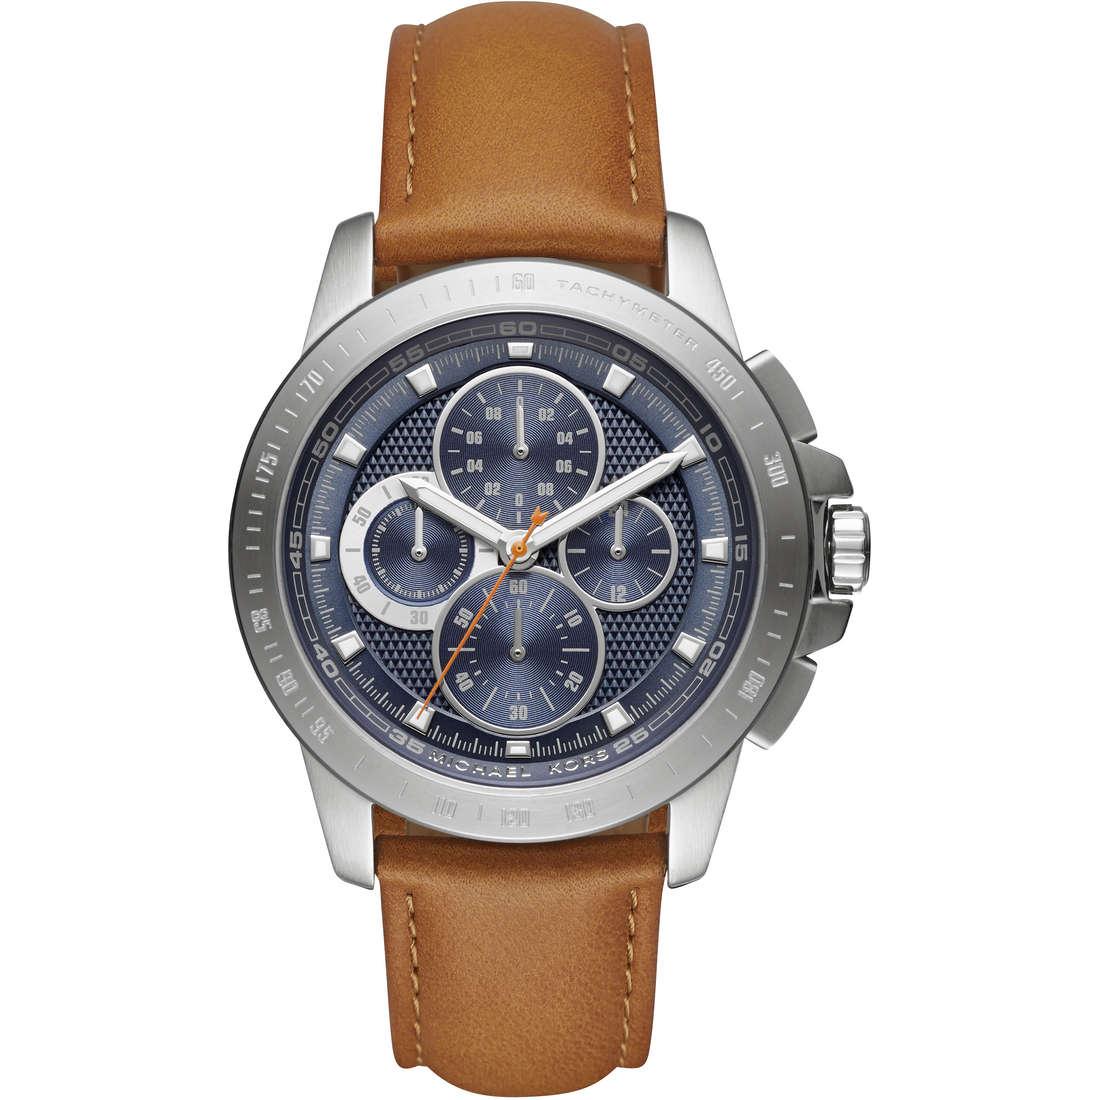 """В официальном магазине швейцарских часов """"швейцарский стиль"""" вы можете купить мужские часы с хронографом, получить консультацию по продукции можно по телефону 8(), звоните!"""